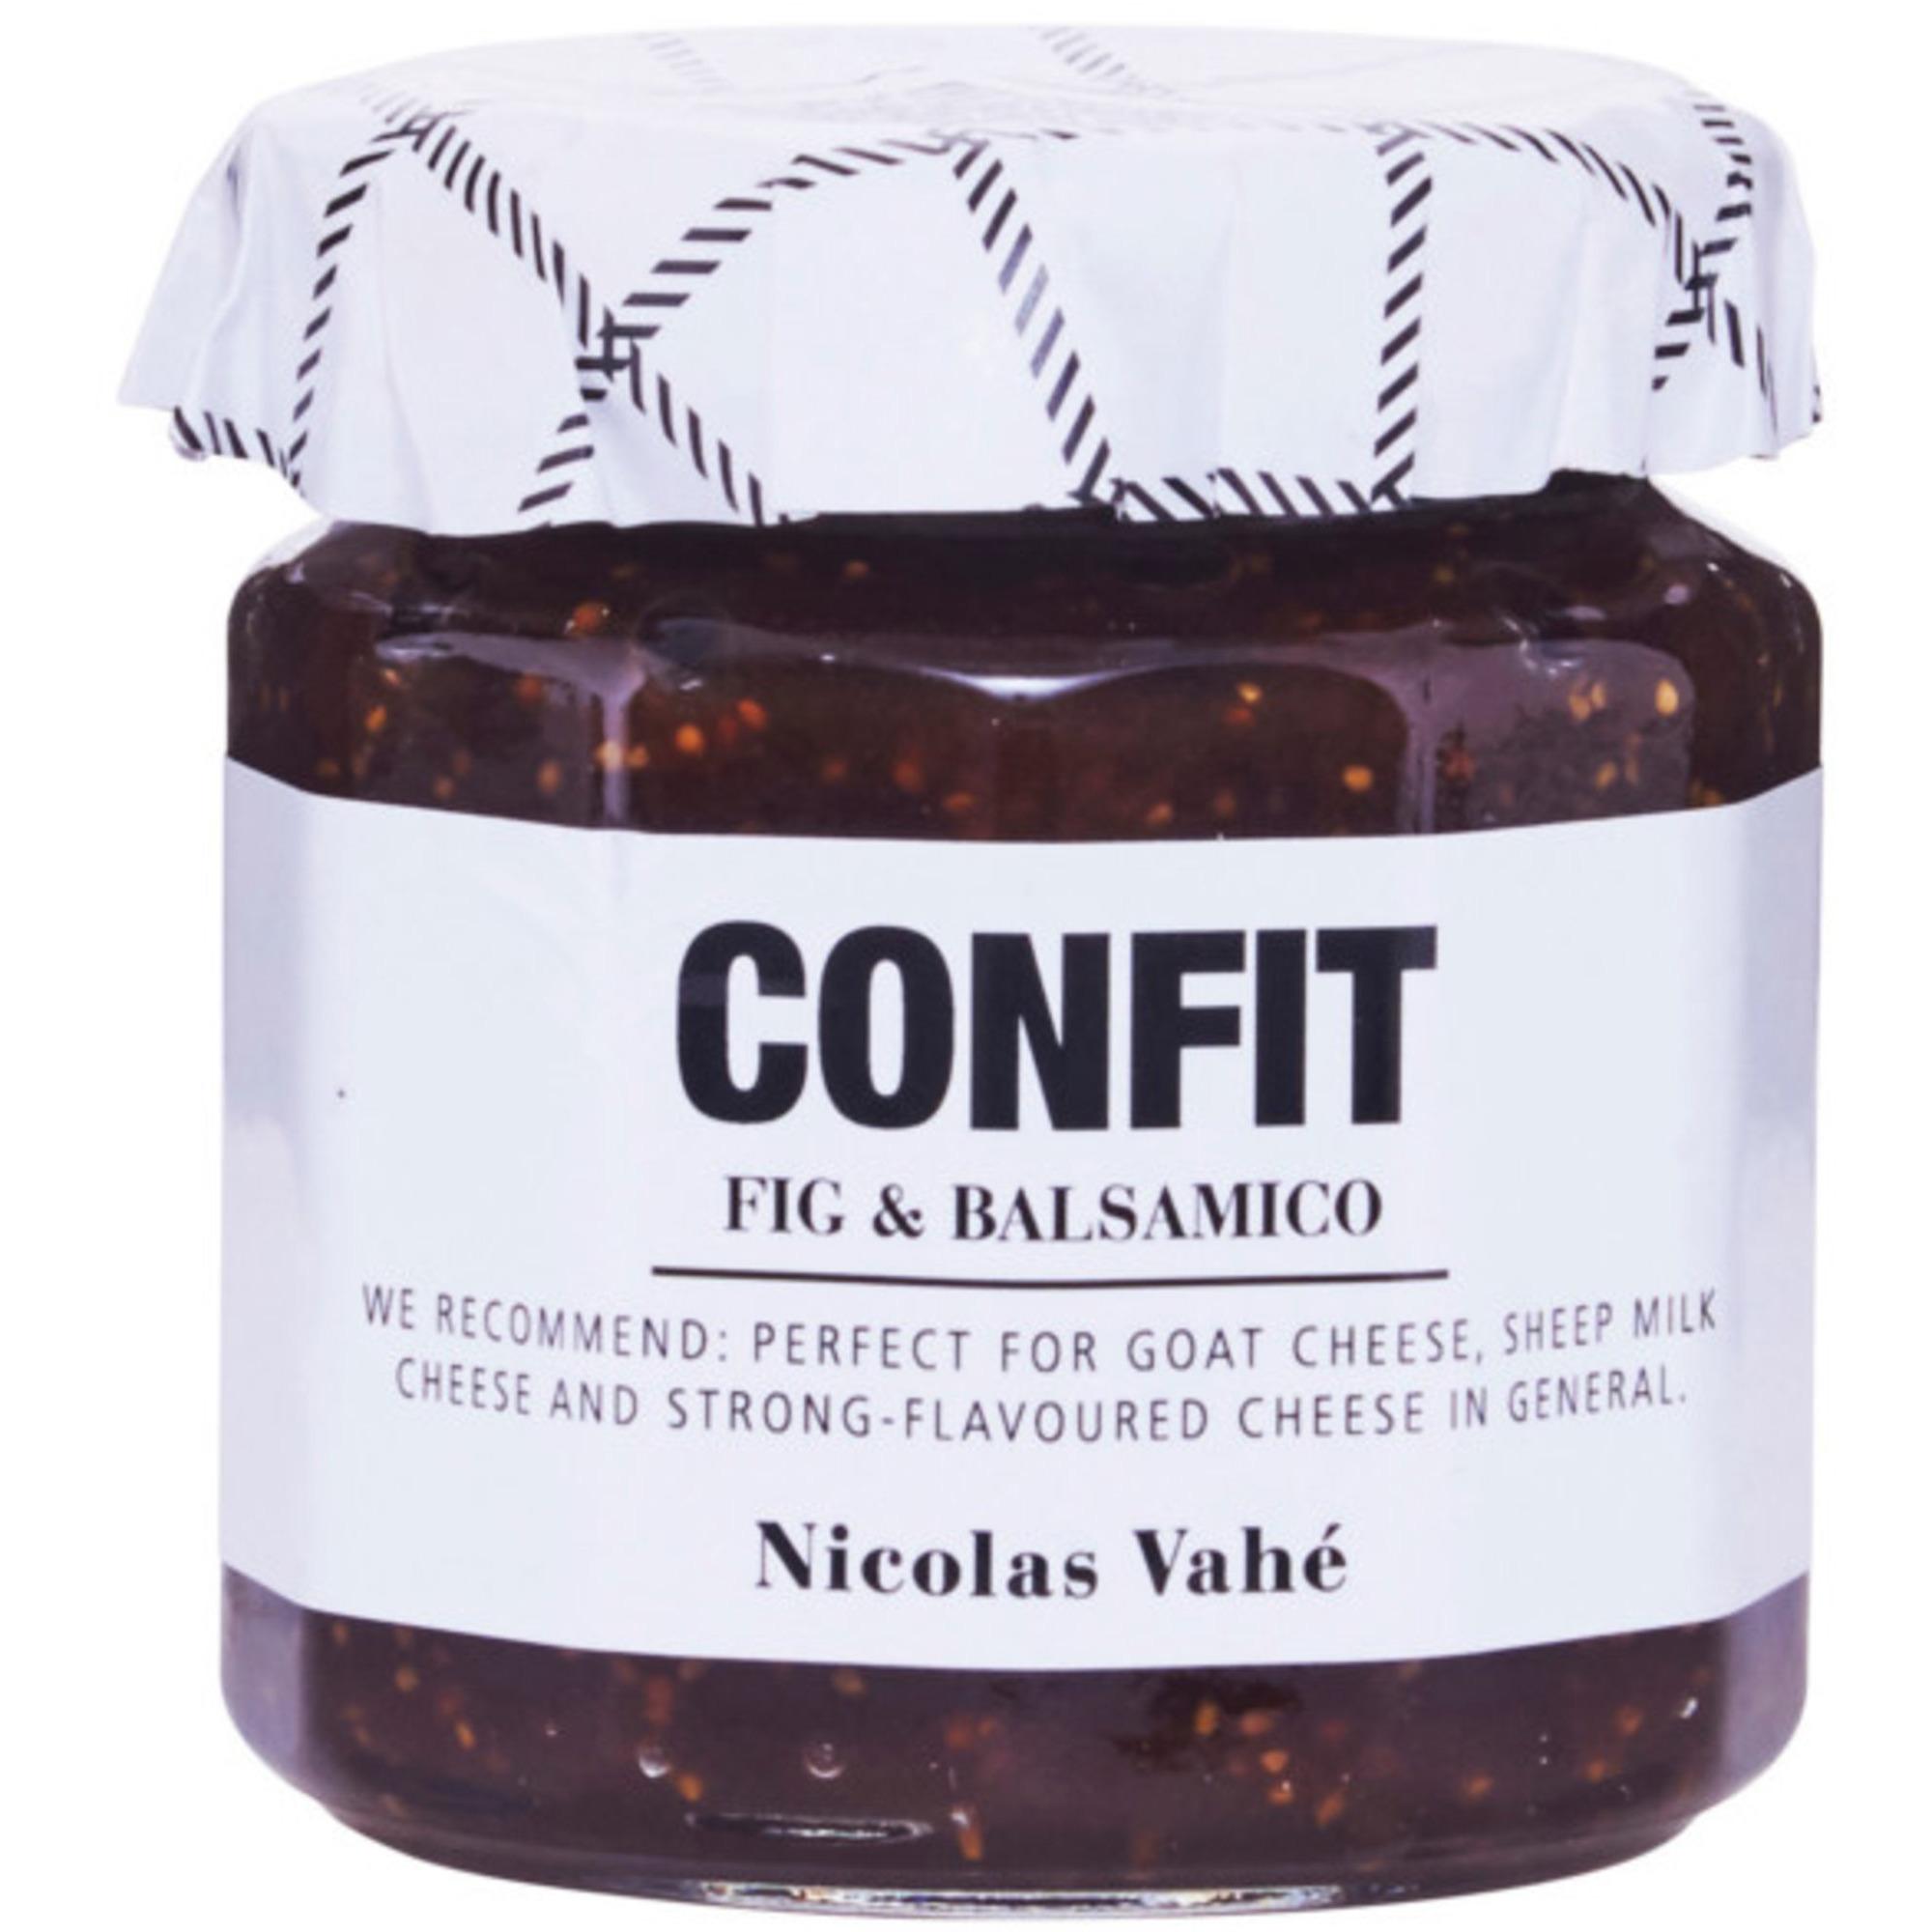 Nicolas Vahé Confit Fig & Balsamico